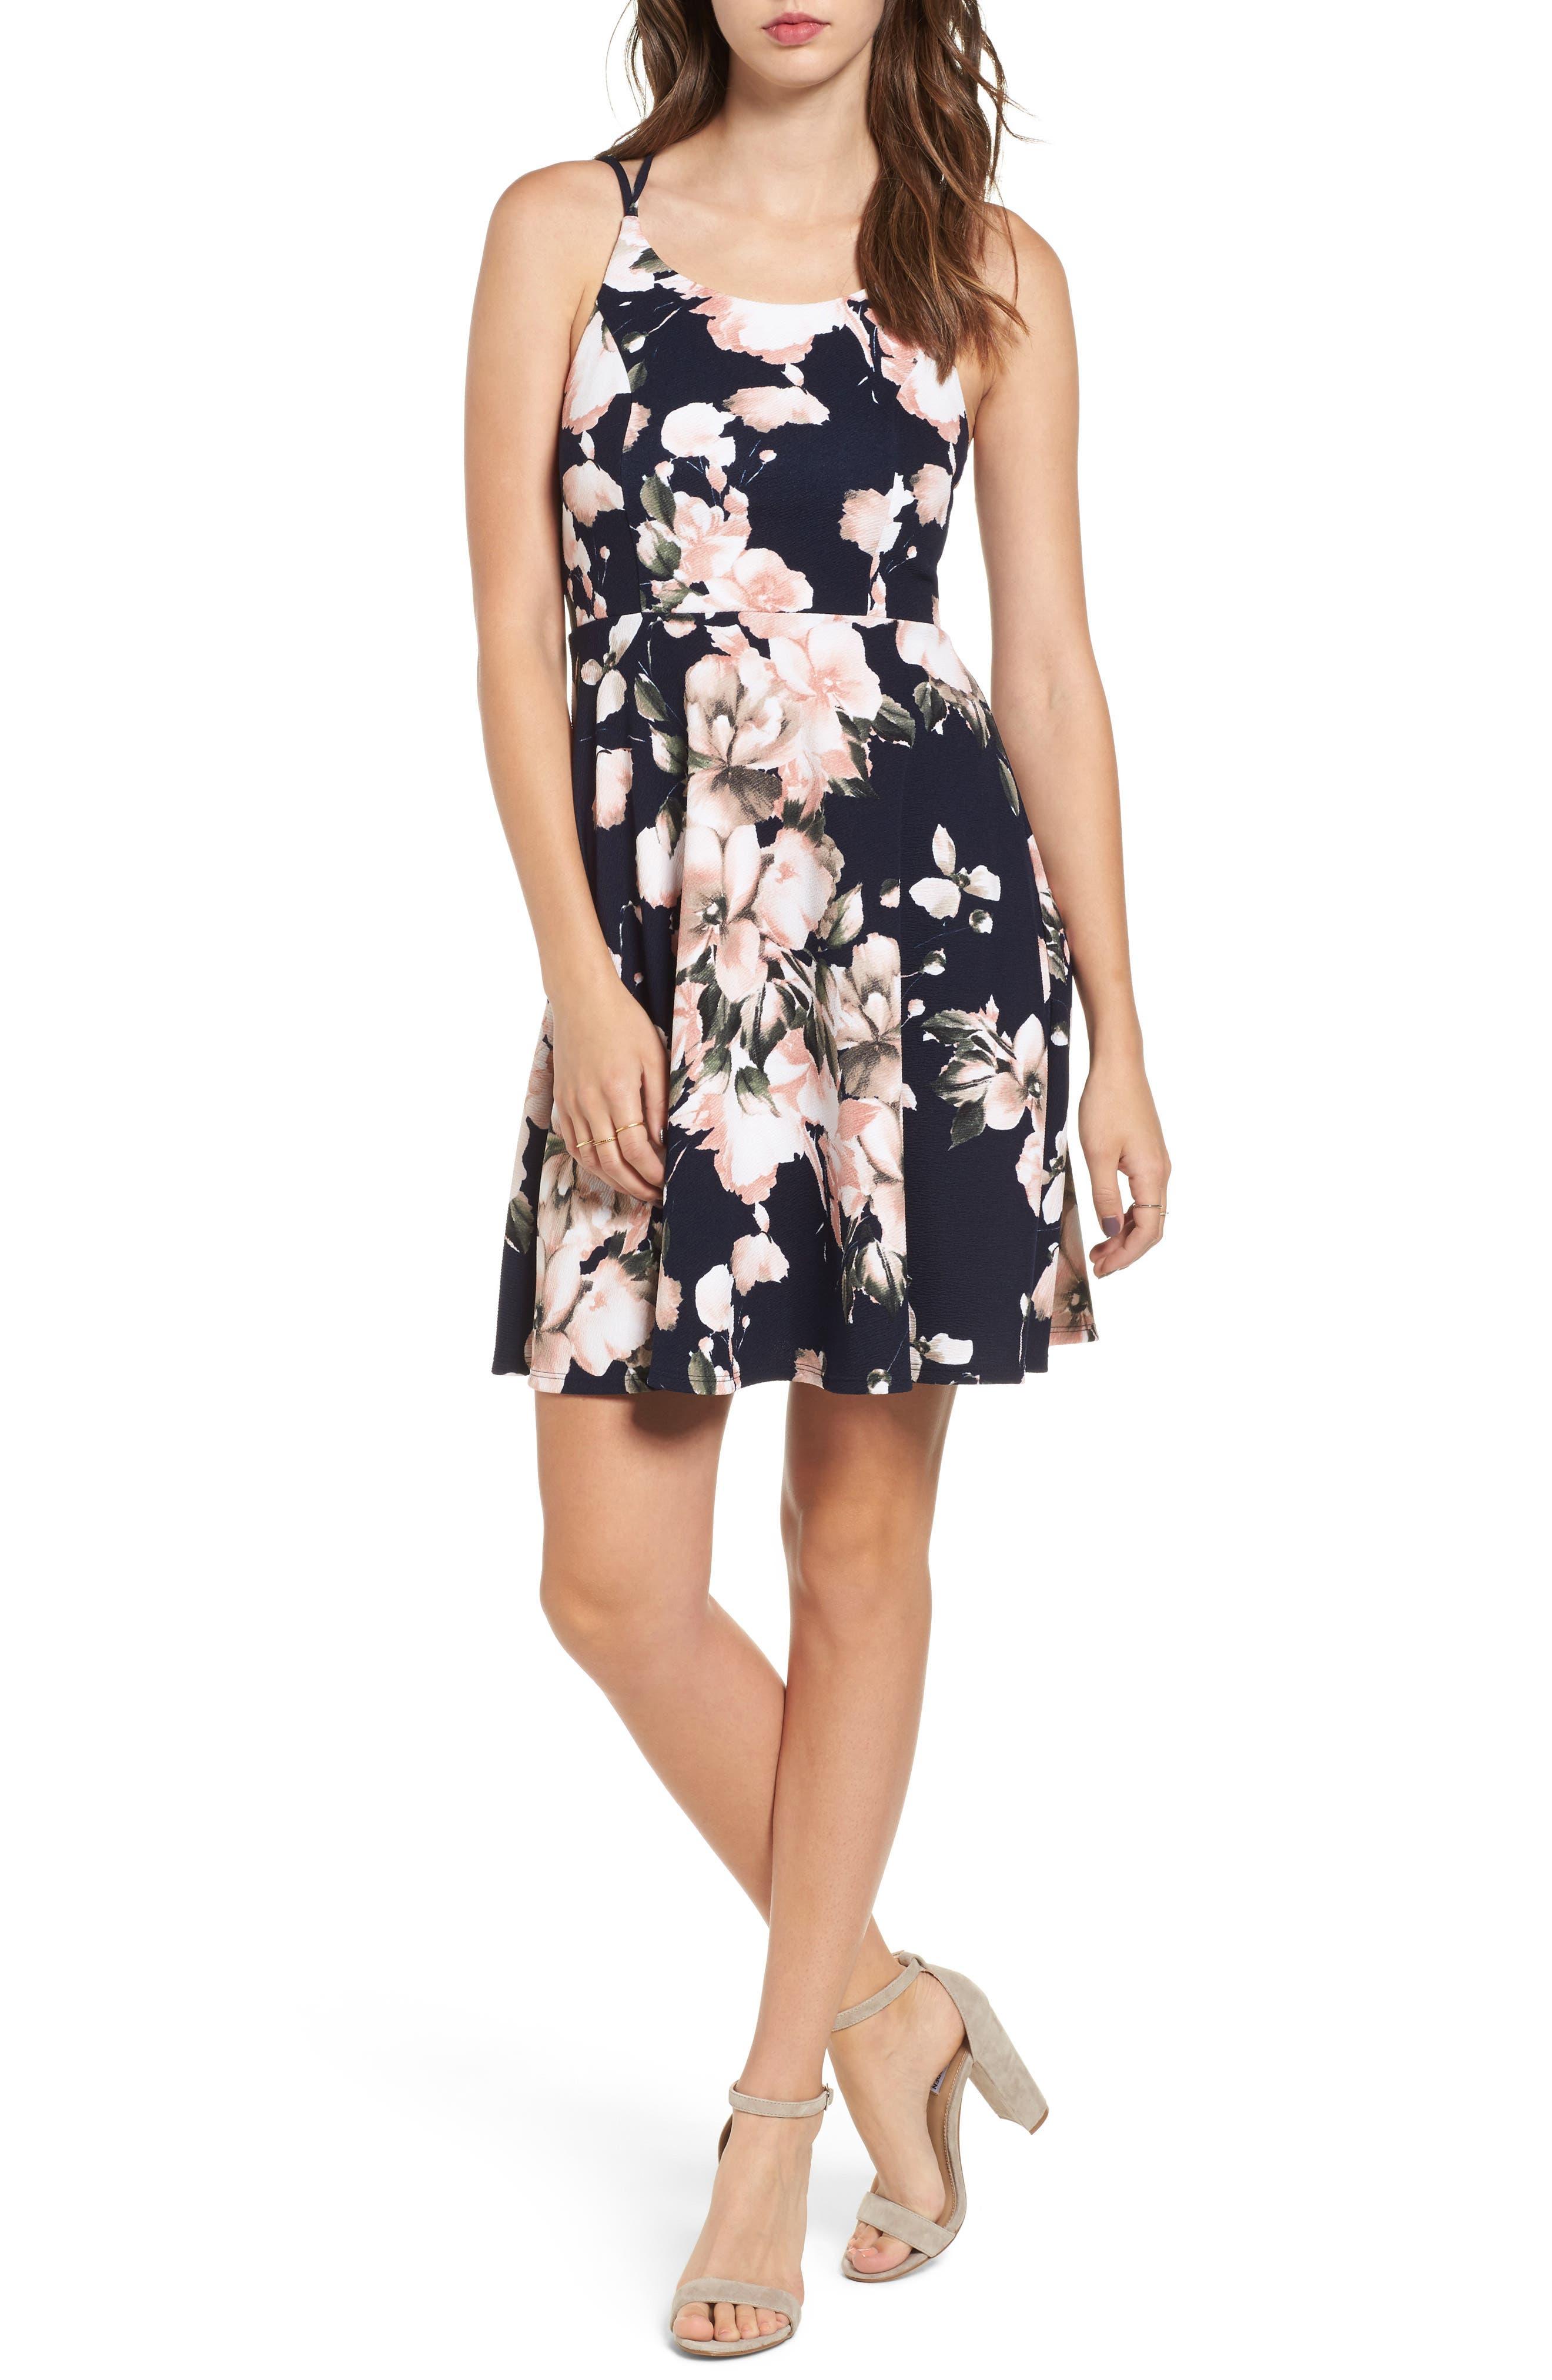 Floral Print Skater Dress,                         Main,                         color, 293 Navy